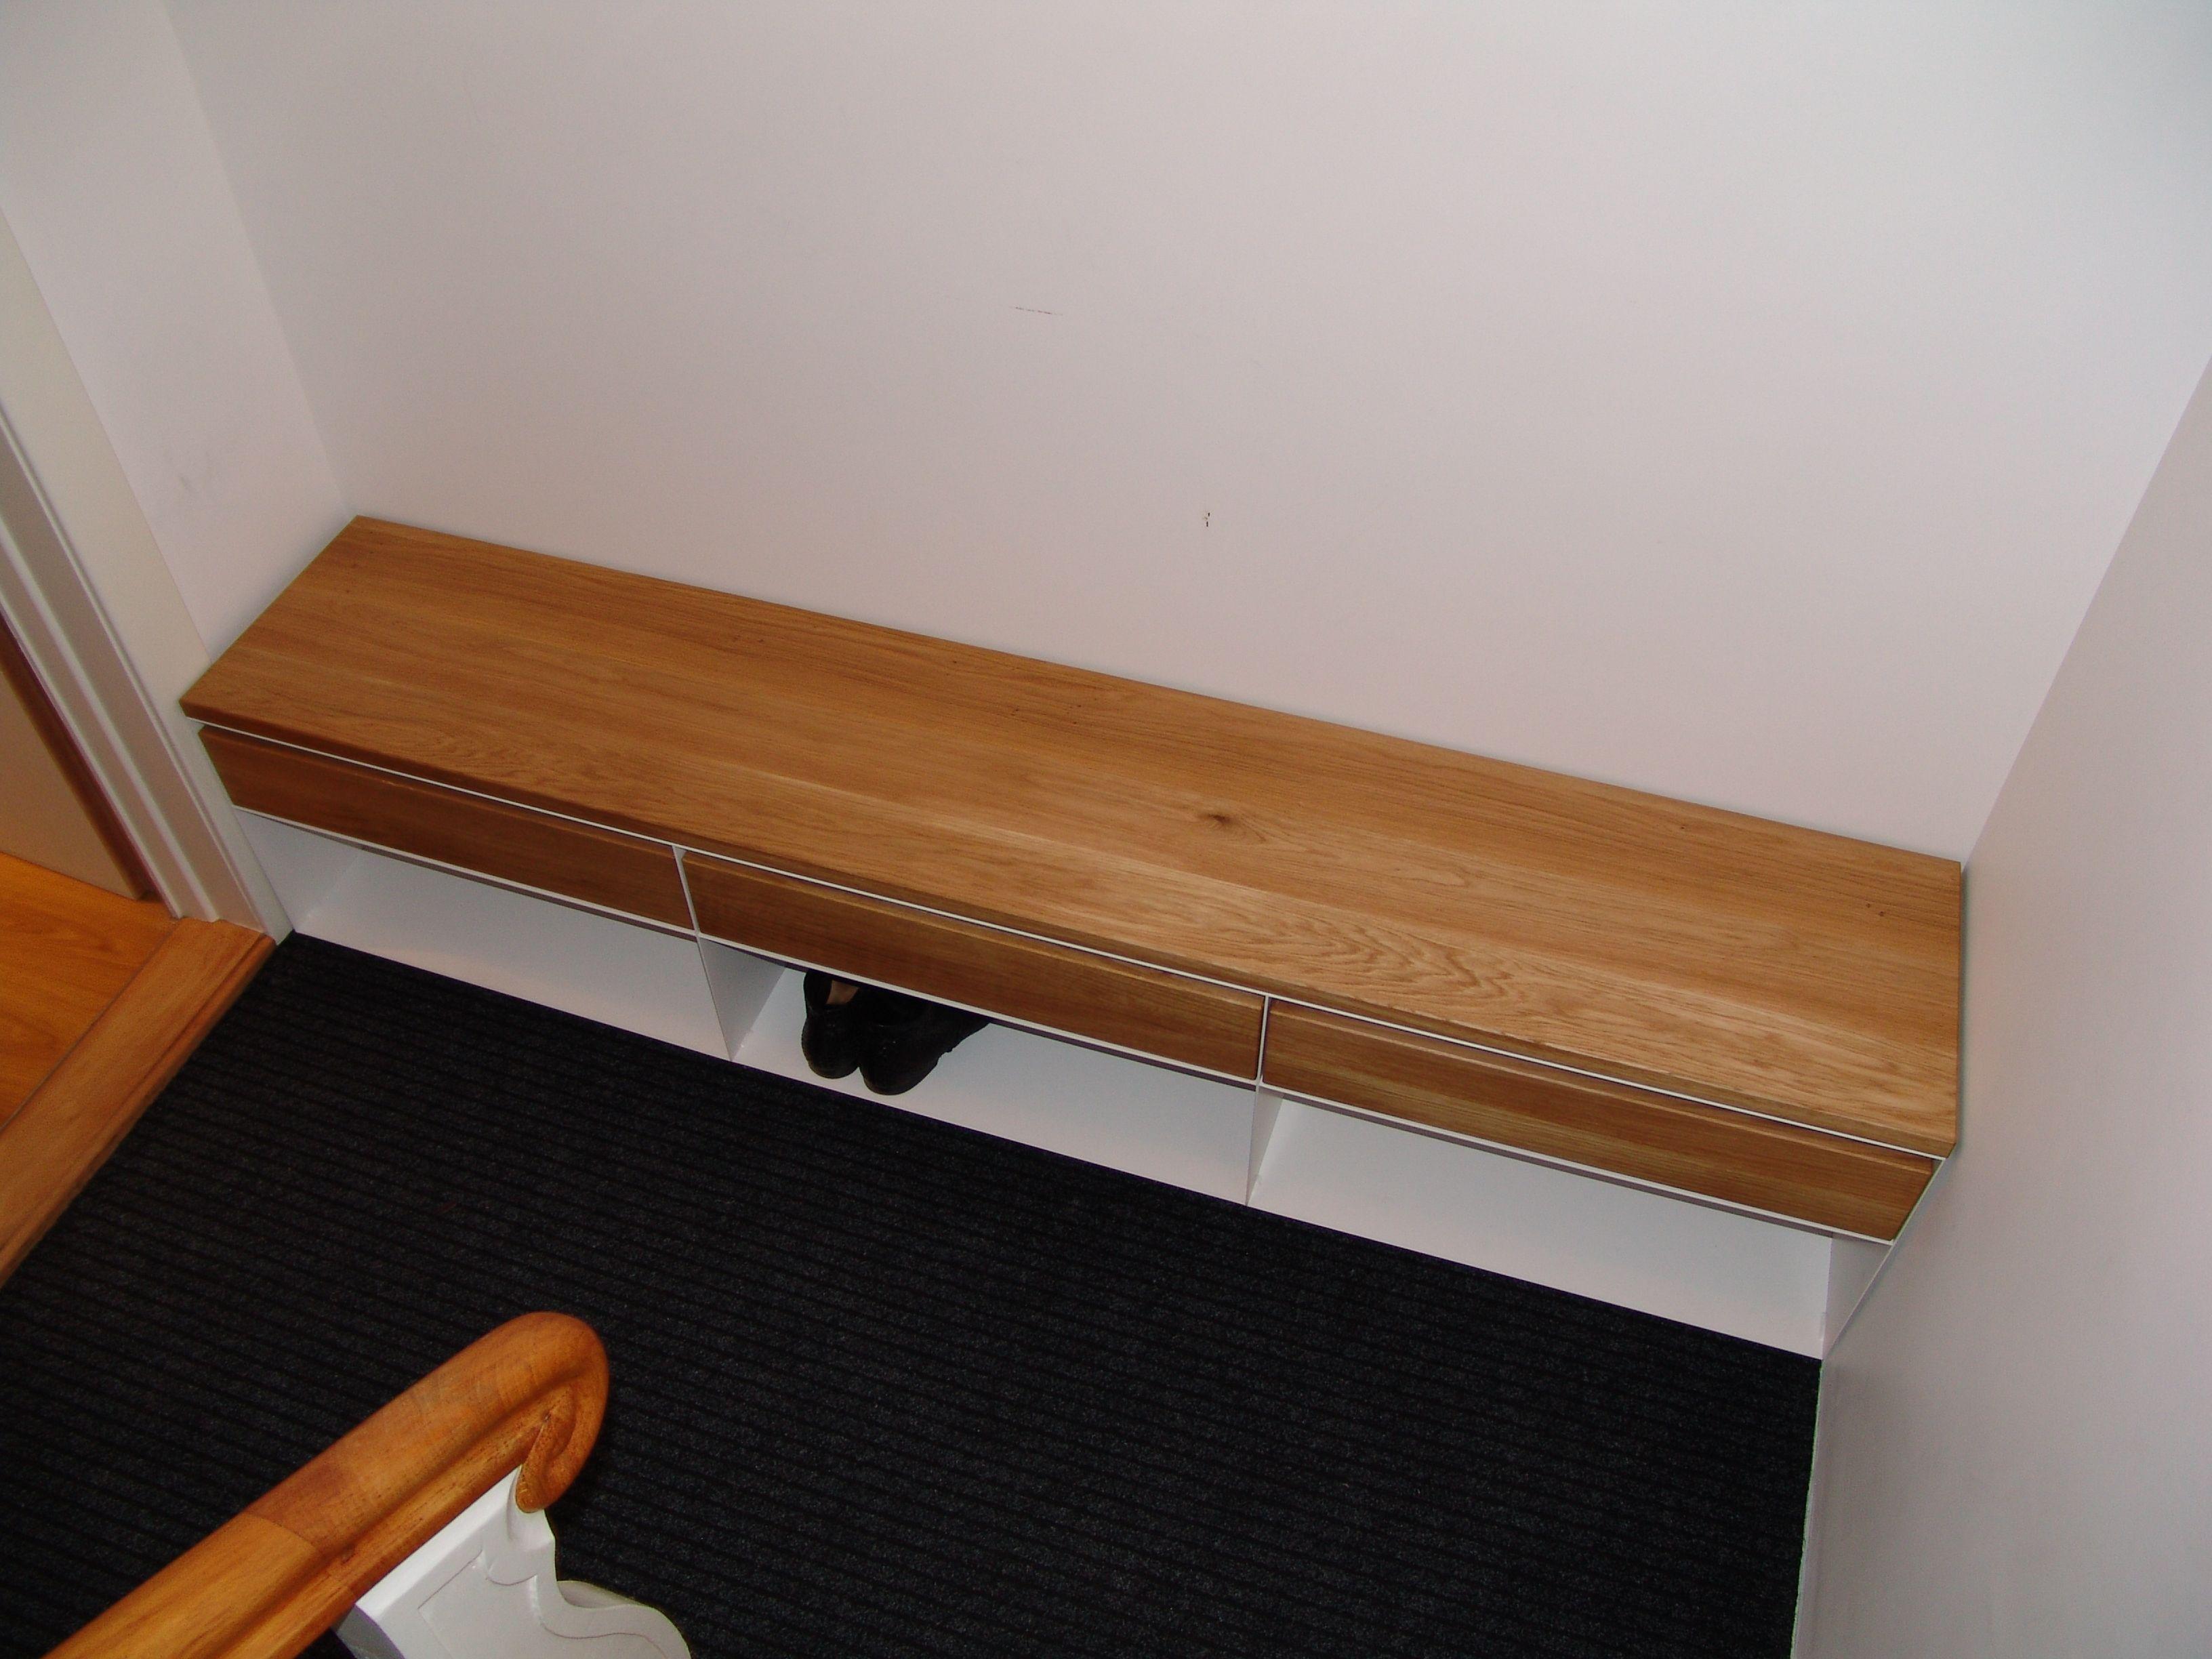 die besten 25 sitzbank schuhe ideen auf pinterest einbauschrank gang vorraum und gaderobe. Black Bedroom Furniture Sets. Home Design Ideas